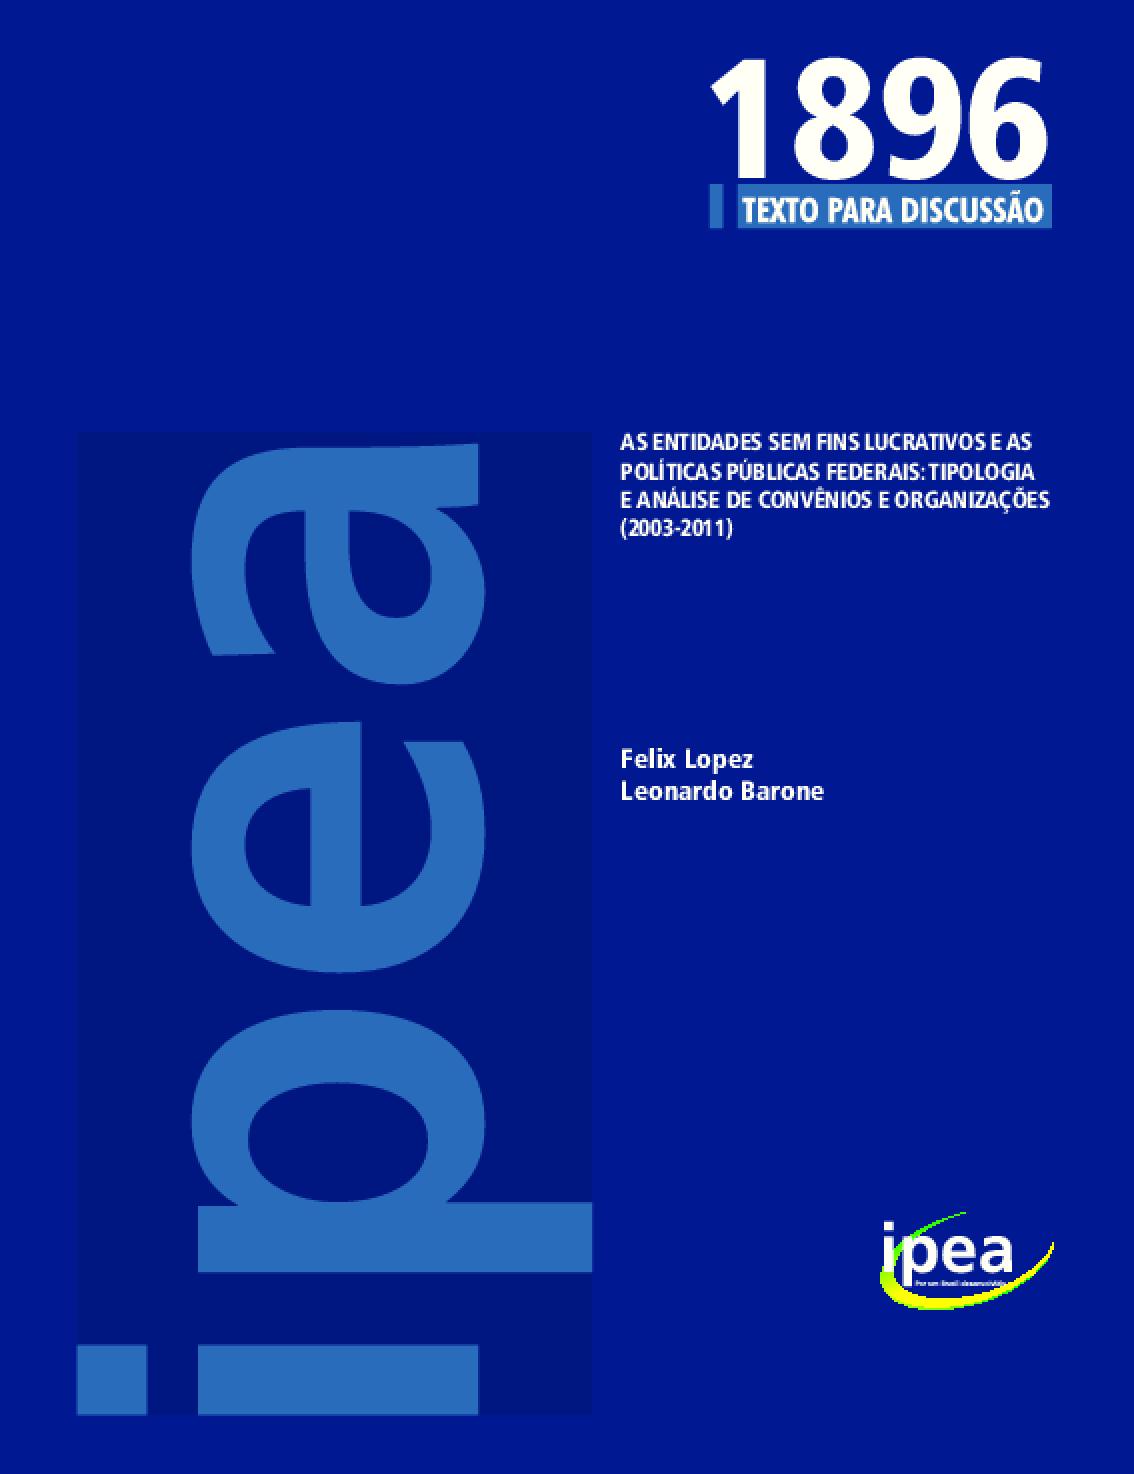 As entidades sem fins lucrativos e as políticas públicas federais: tipologia e análise de convênios e organizações (2003-2011)